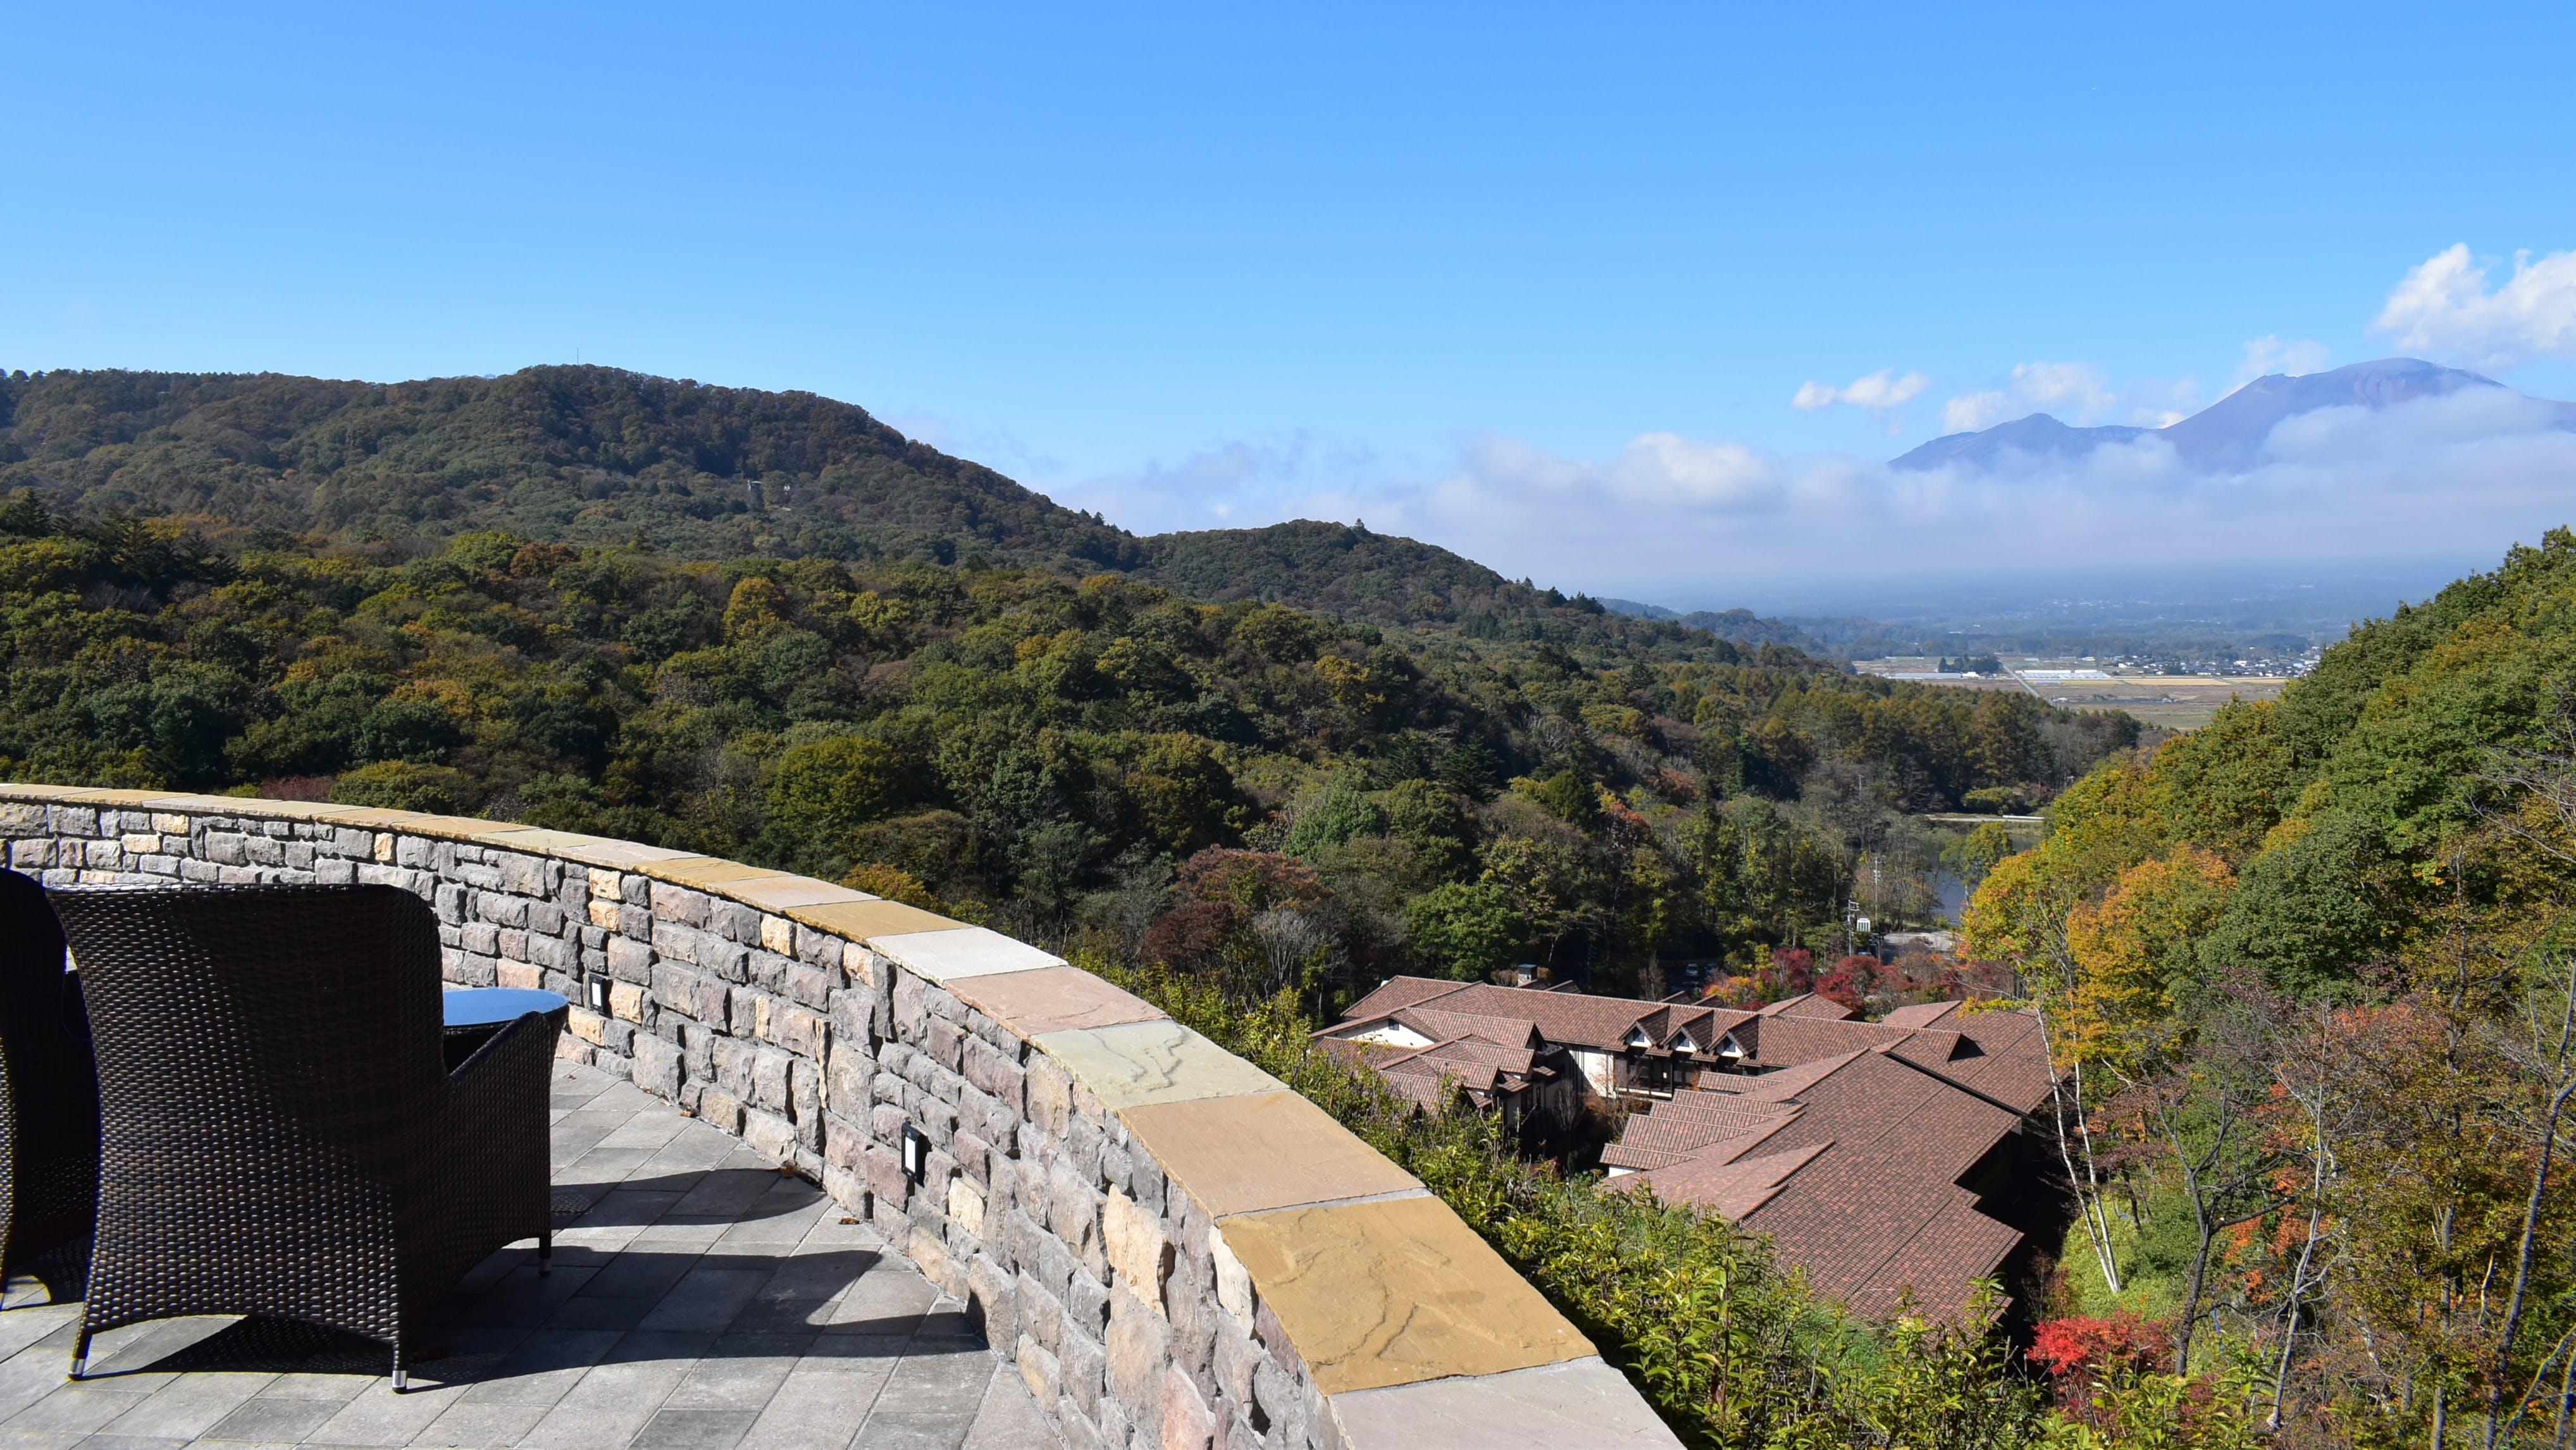 【取材】軽井沢の絶景と異国情緒を満喫する温泉付き隠れ家リゾート